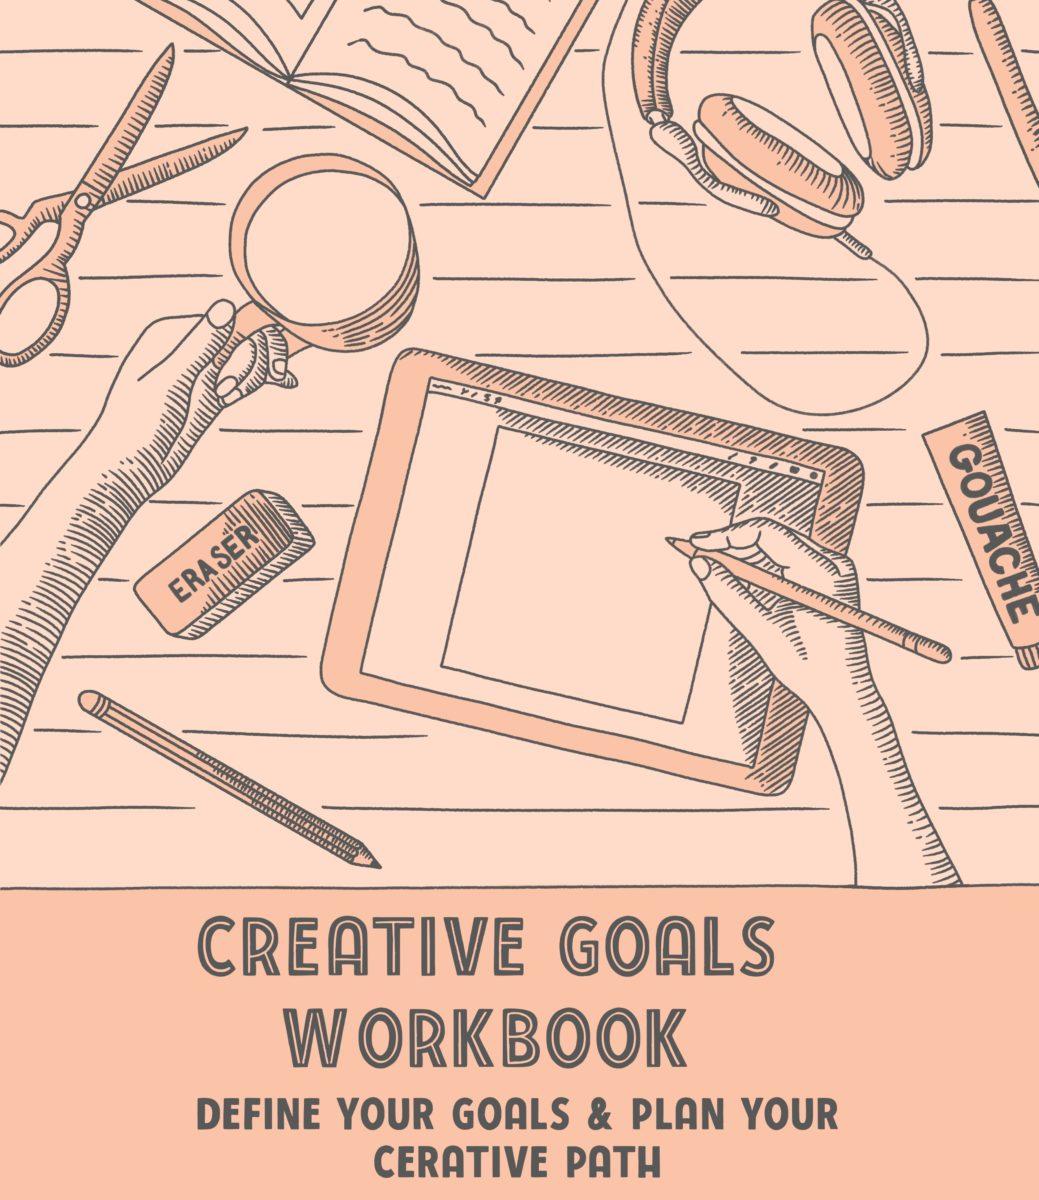 Free Creative Goals Workbook